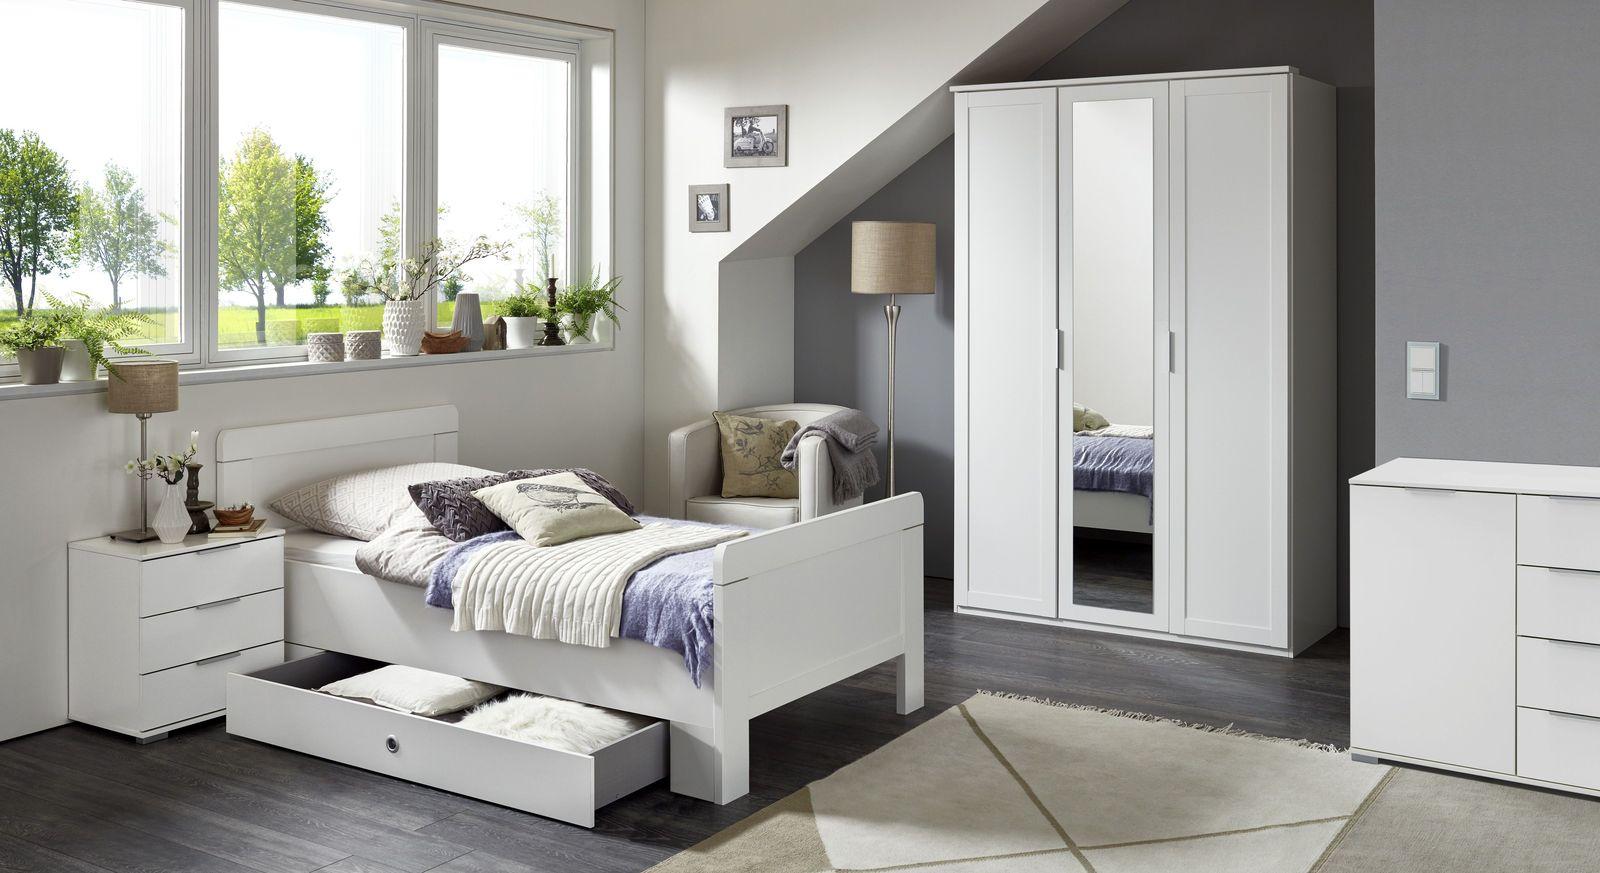 Komplett-Schlafzimmer Aradeo mit Drehtüren-Kleiderschrank